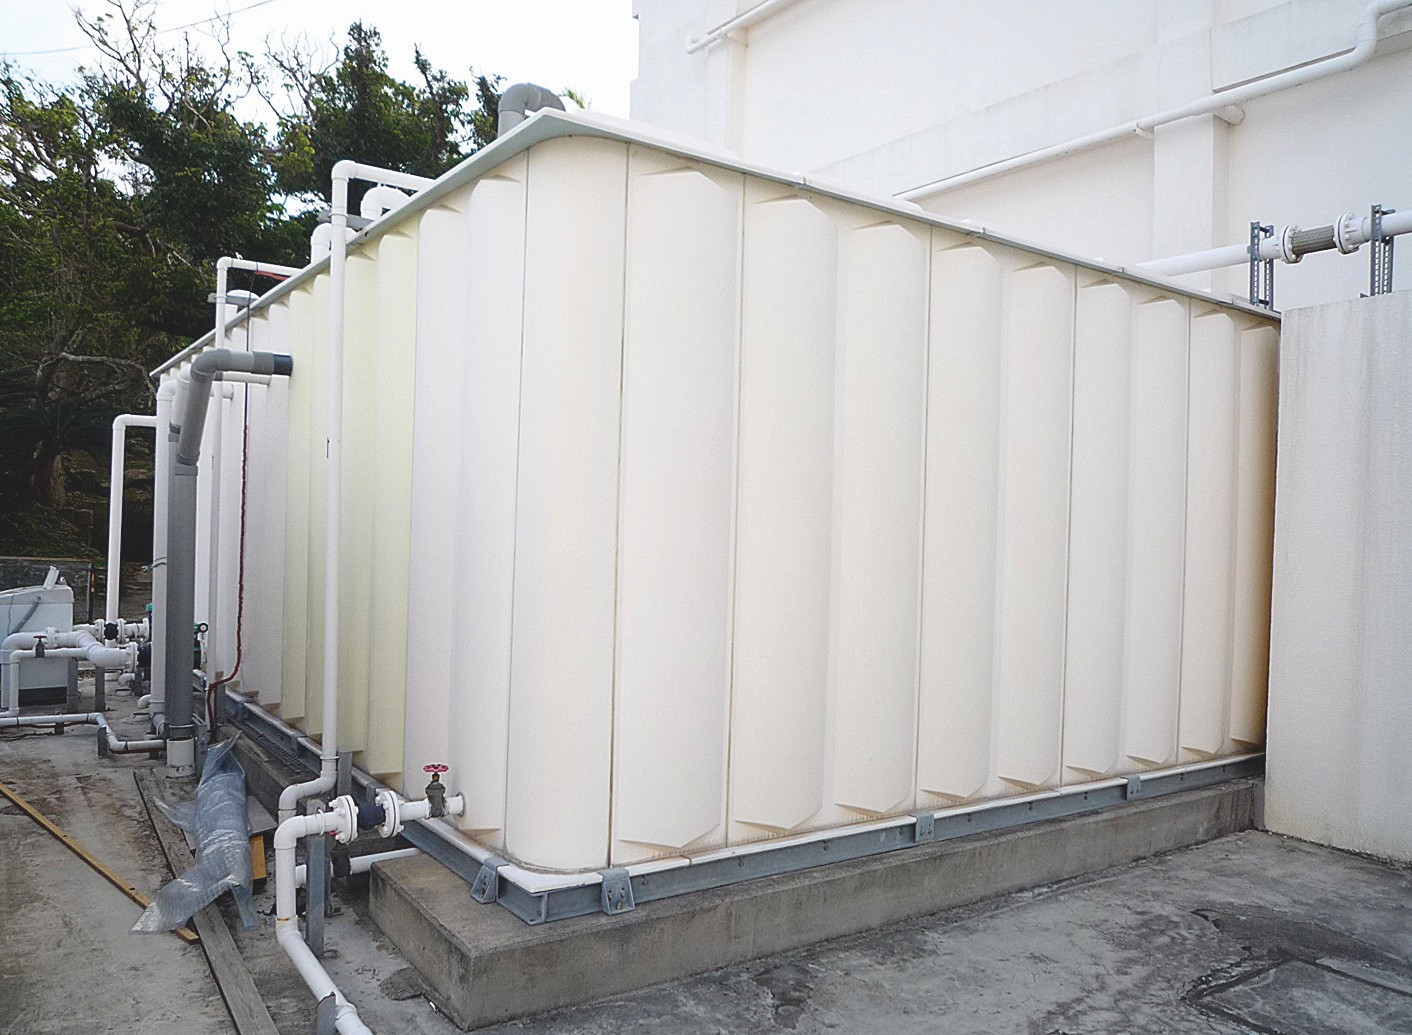 Regenwasser wird gesammelt, mit EM-Keramik behandelt und wo möglich wiederverwendet